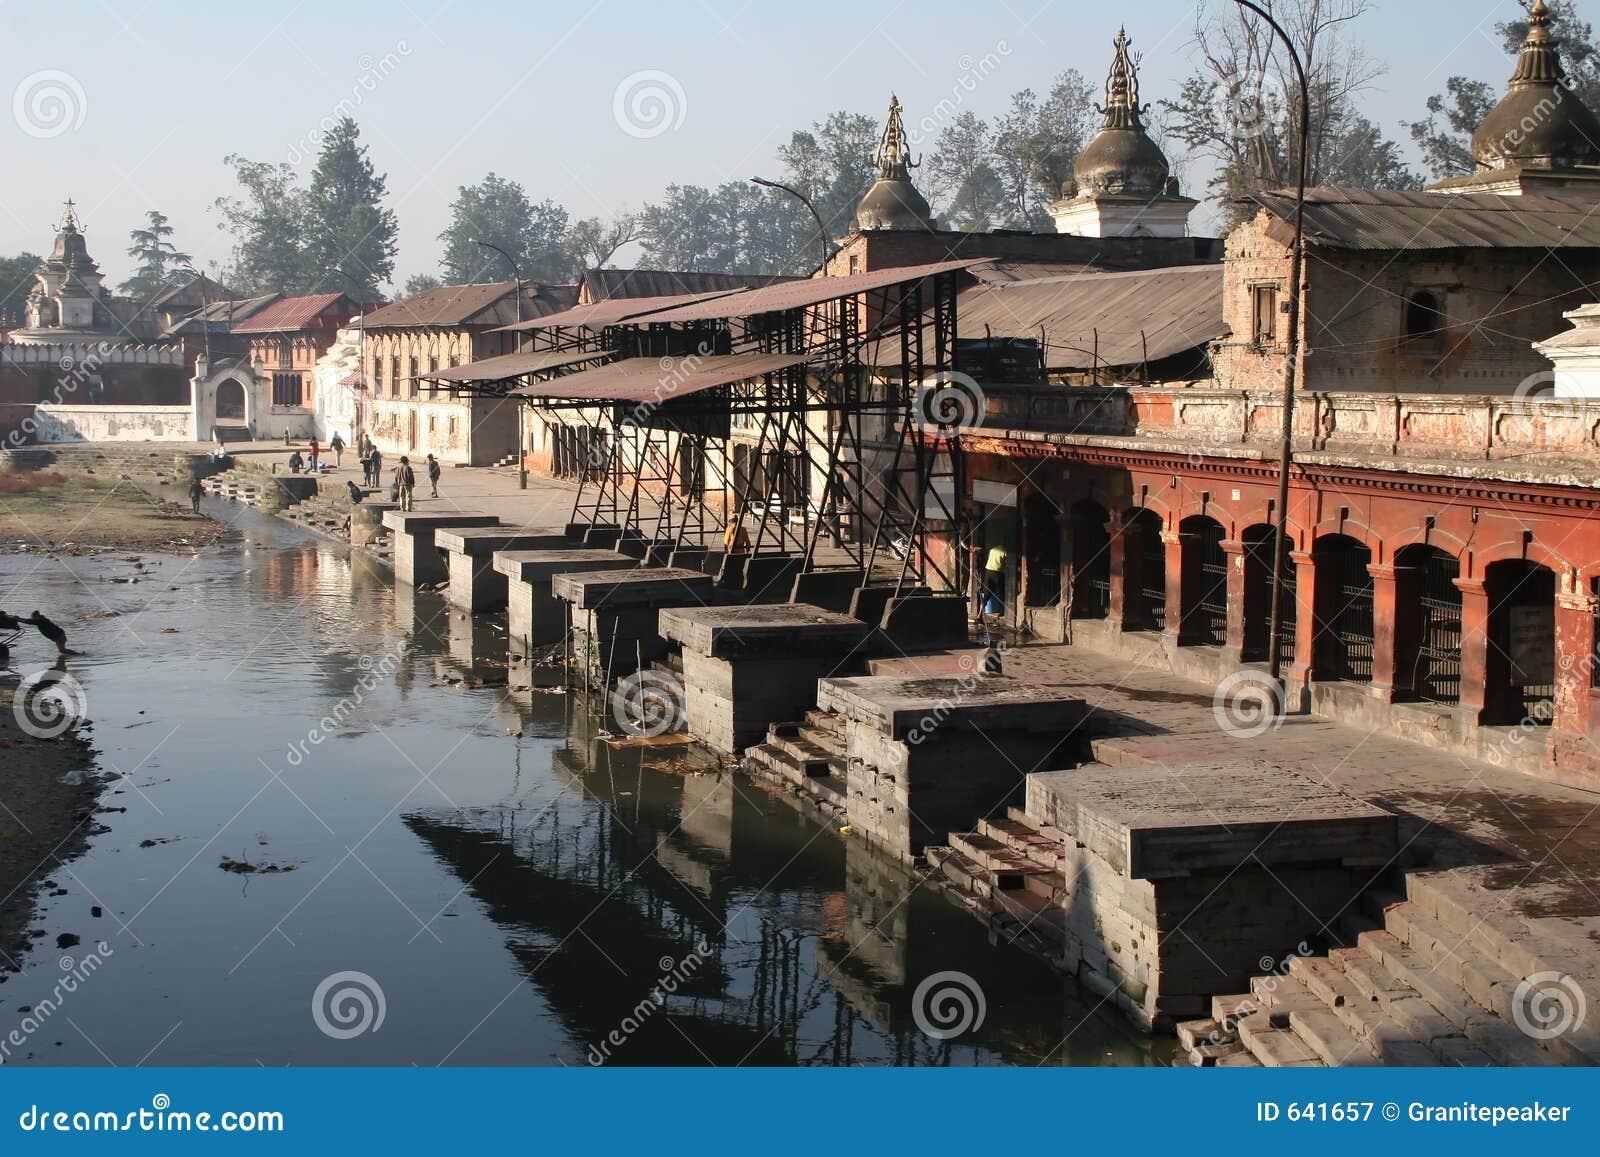 Download Pashupatinath Непала стоковое изображение. изображение насчитывающей sadhu - 641657